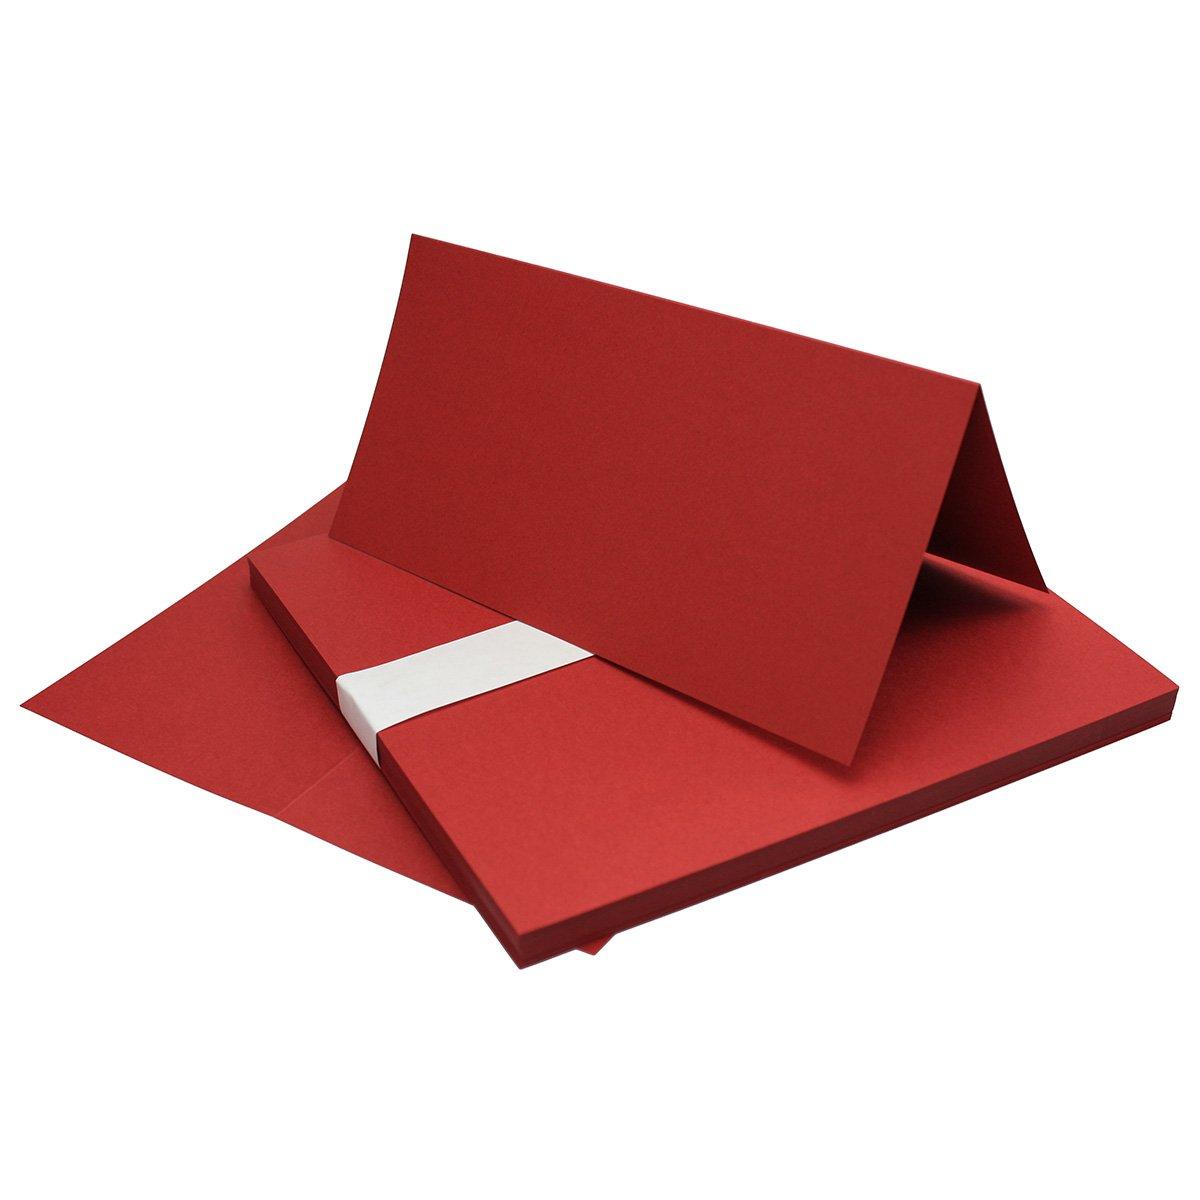 Faltkarten Din Lang   Schwarz     500 Stück   Premium Qualität - 10,5 x 21 cm - Sehr formstabil -Ideal für Grußkarten und Einladungen - Qualitätsmarke  NEUSER FarbenFroh B0171WPYX2 | Sonderkauf  3a5ab2